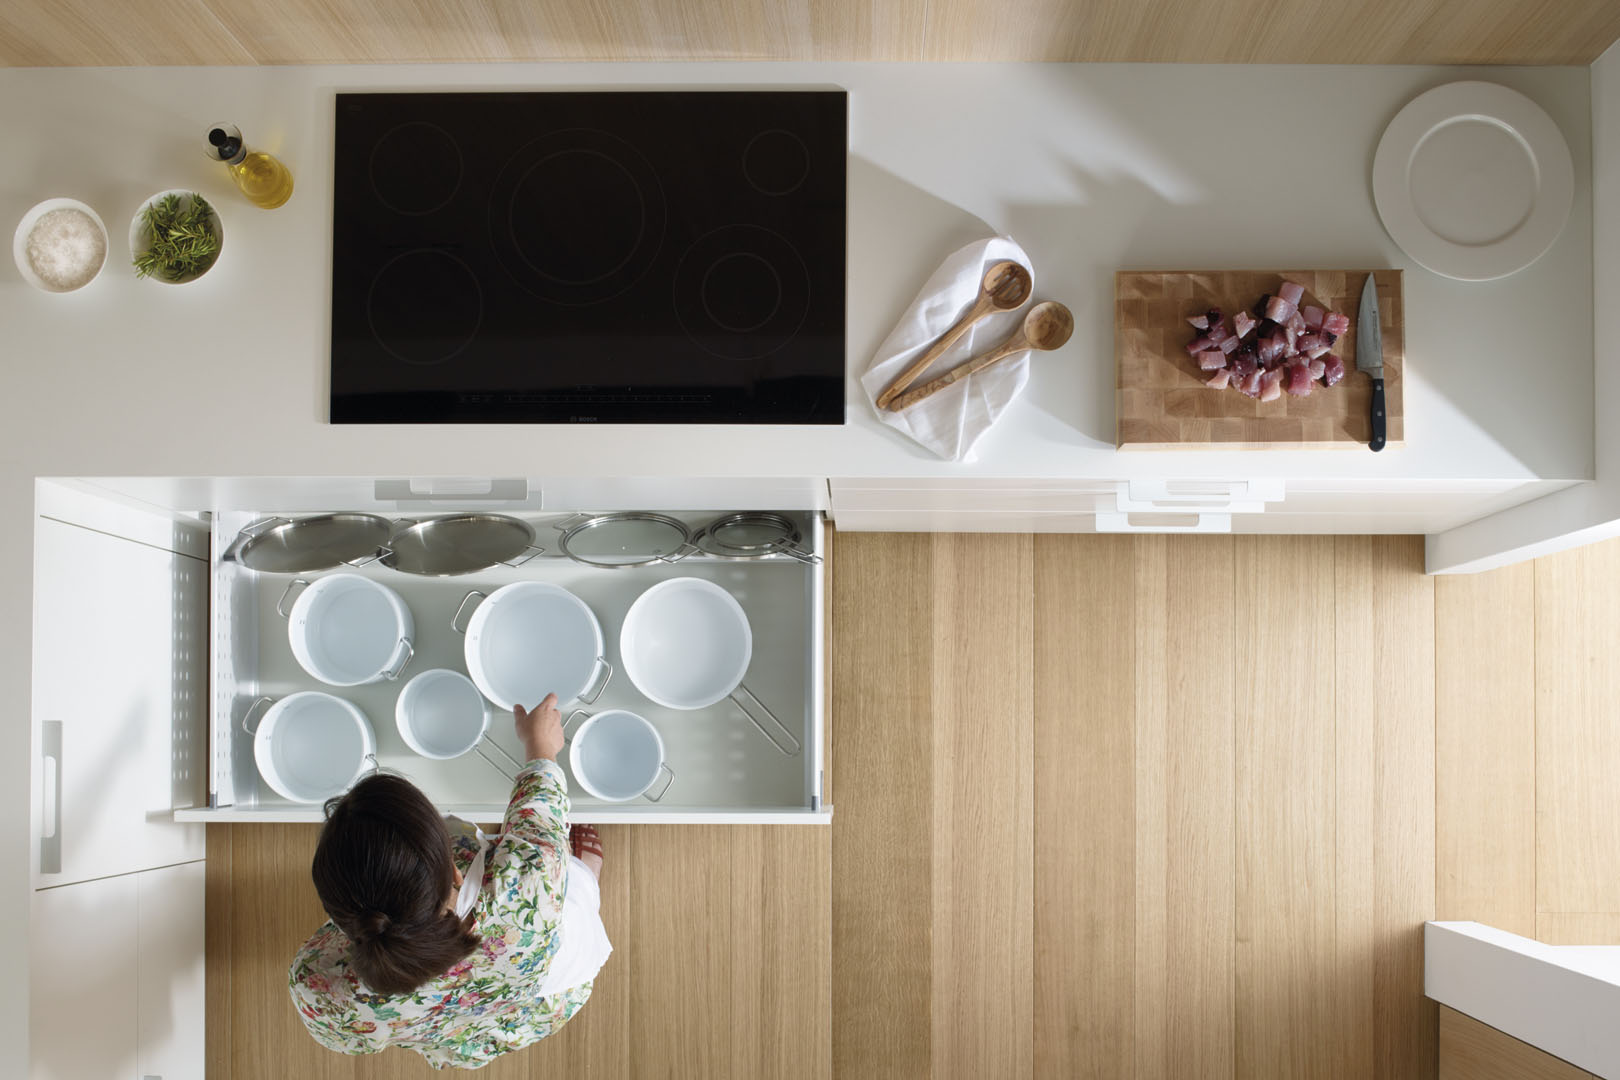 Cajones extraíbles en los muebles de cocina